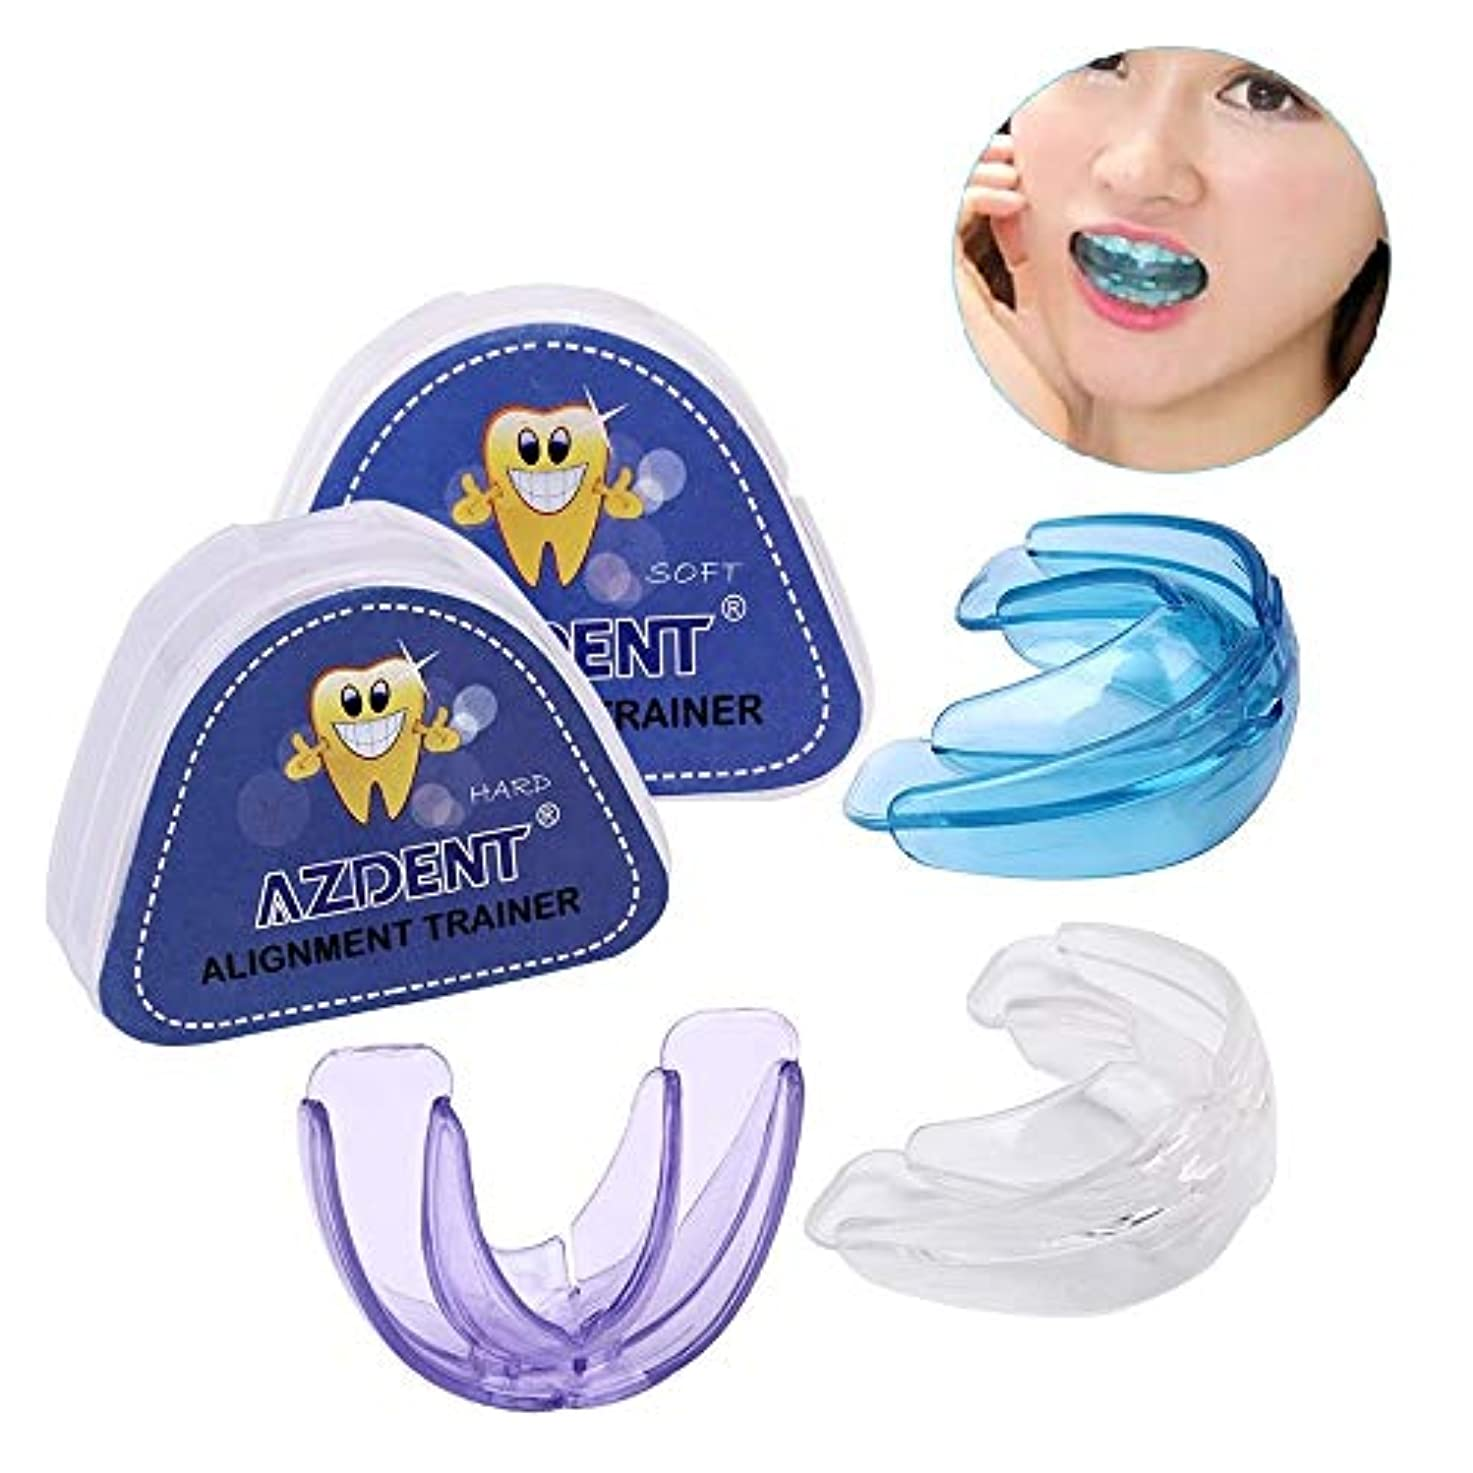 スカープモールス信号プール1 SET(SOFT+HARD) Pro Silicone Tooth Orthodontic Dental Appliance Trainer Alignment Braces For Teeth Straight Alignment...